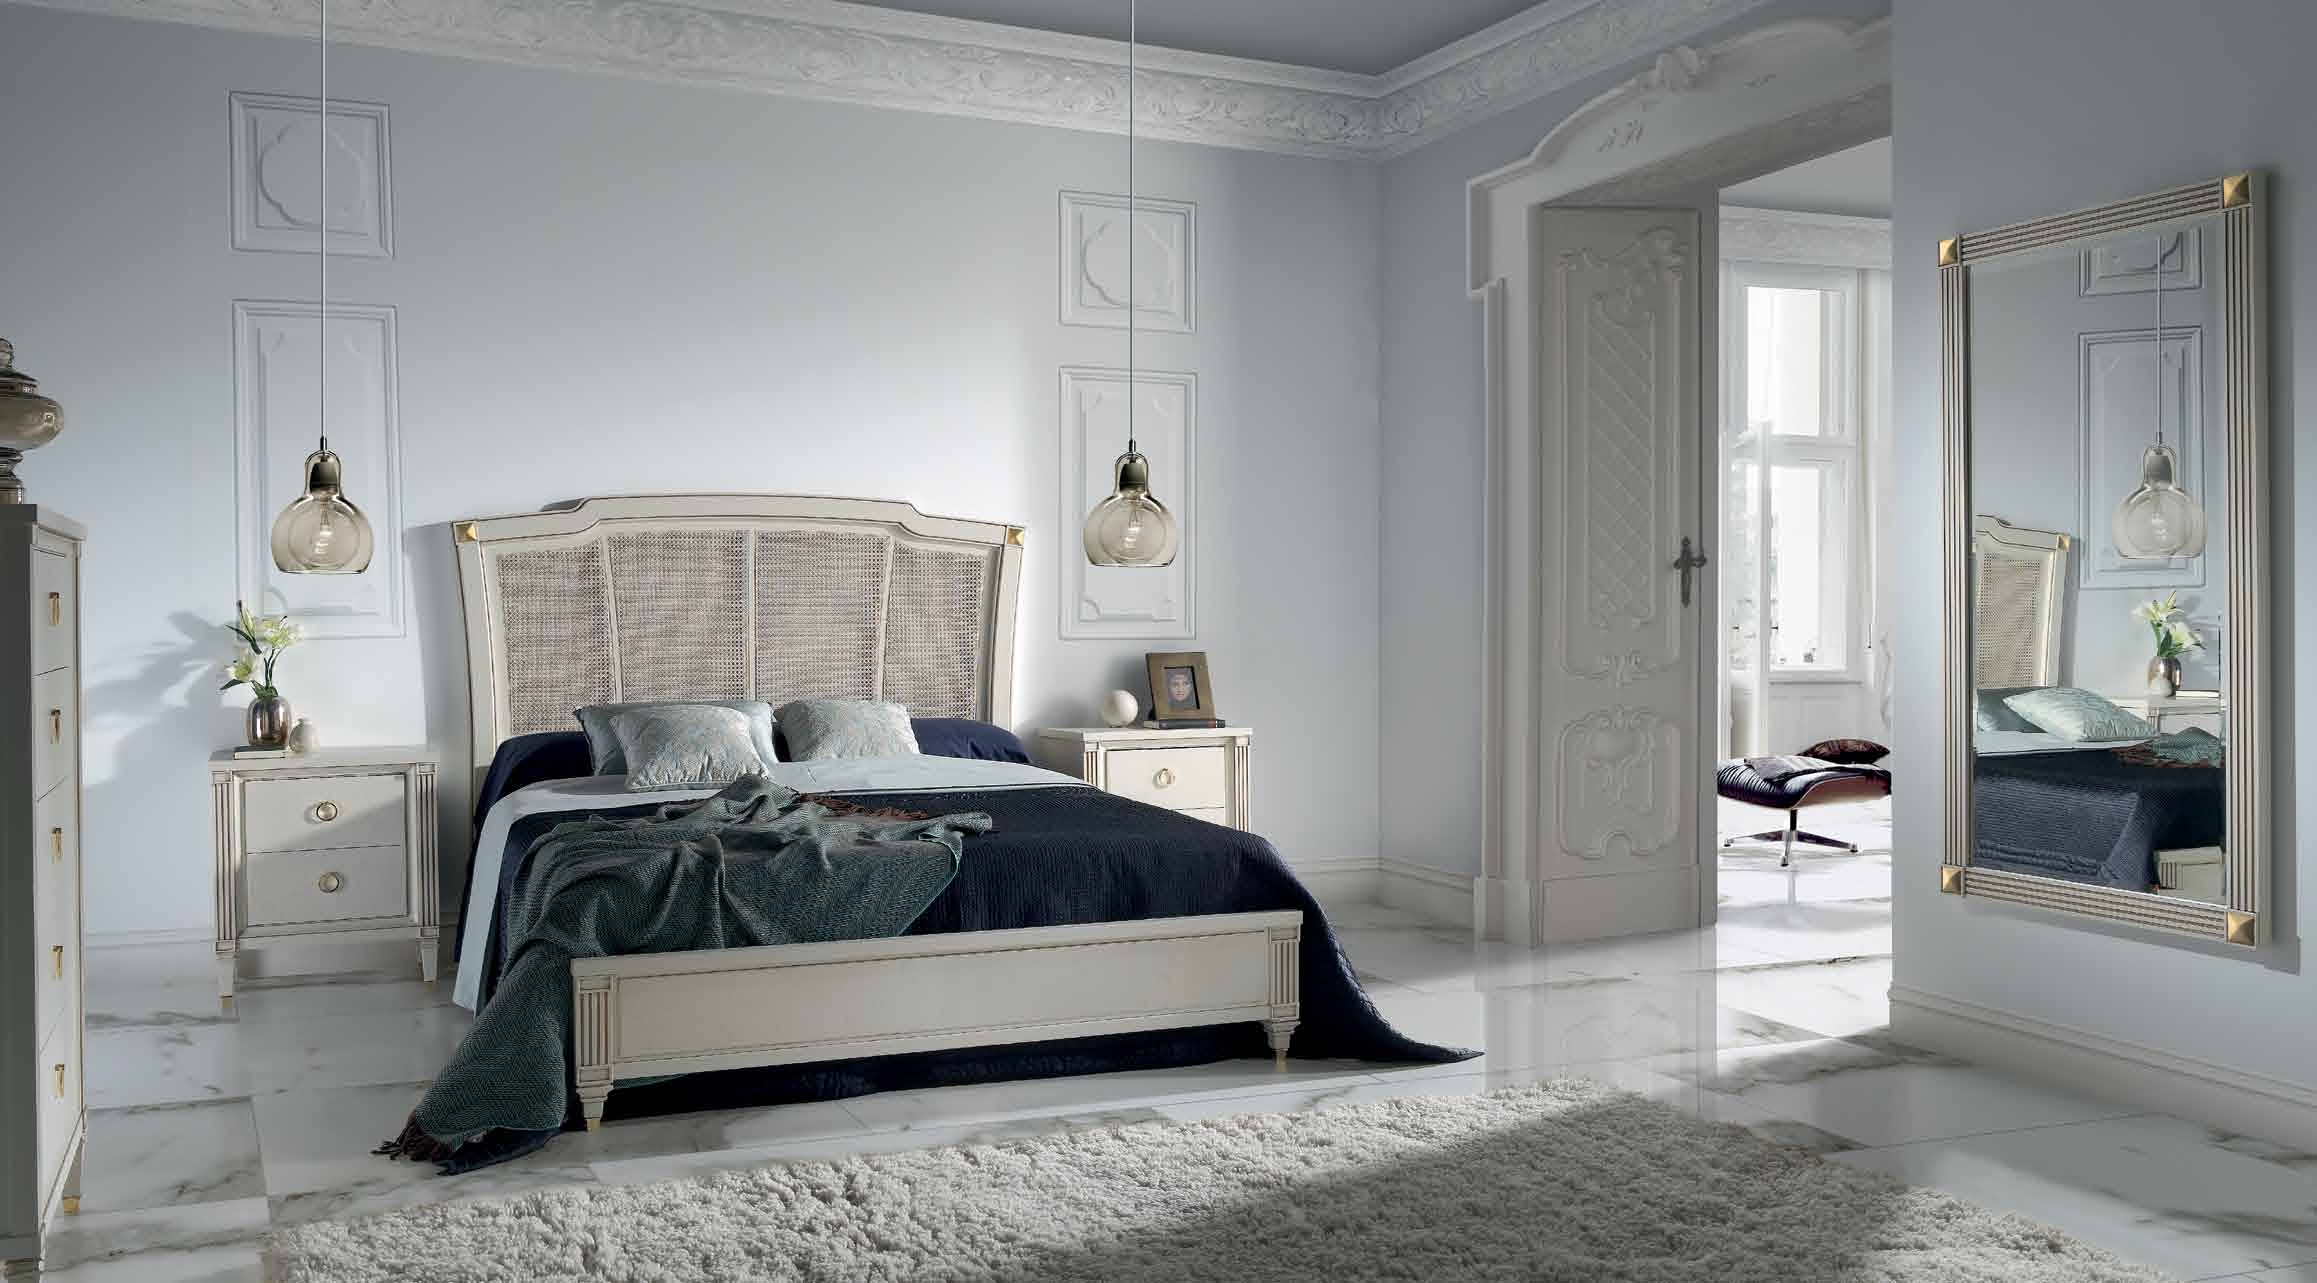 978-dormitorio-t-9